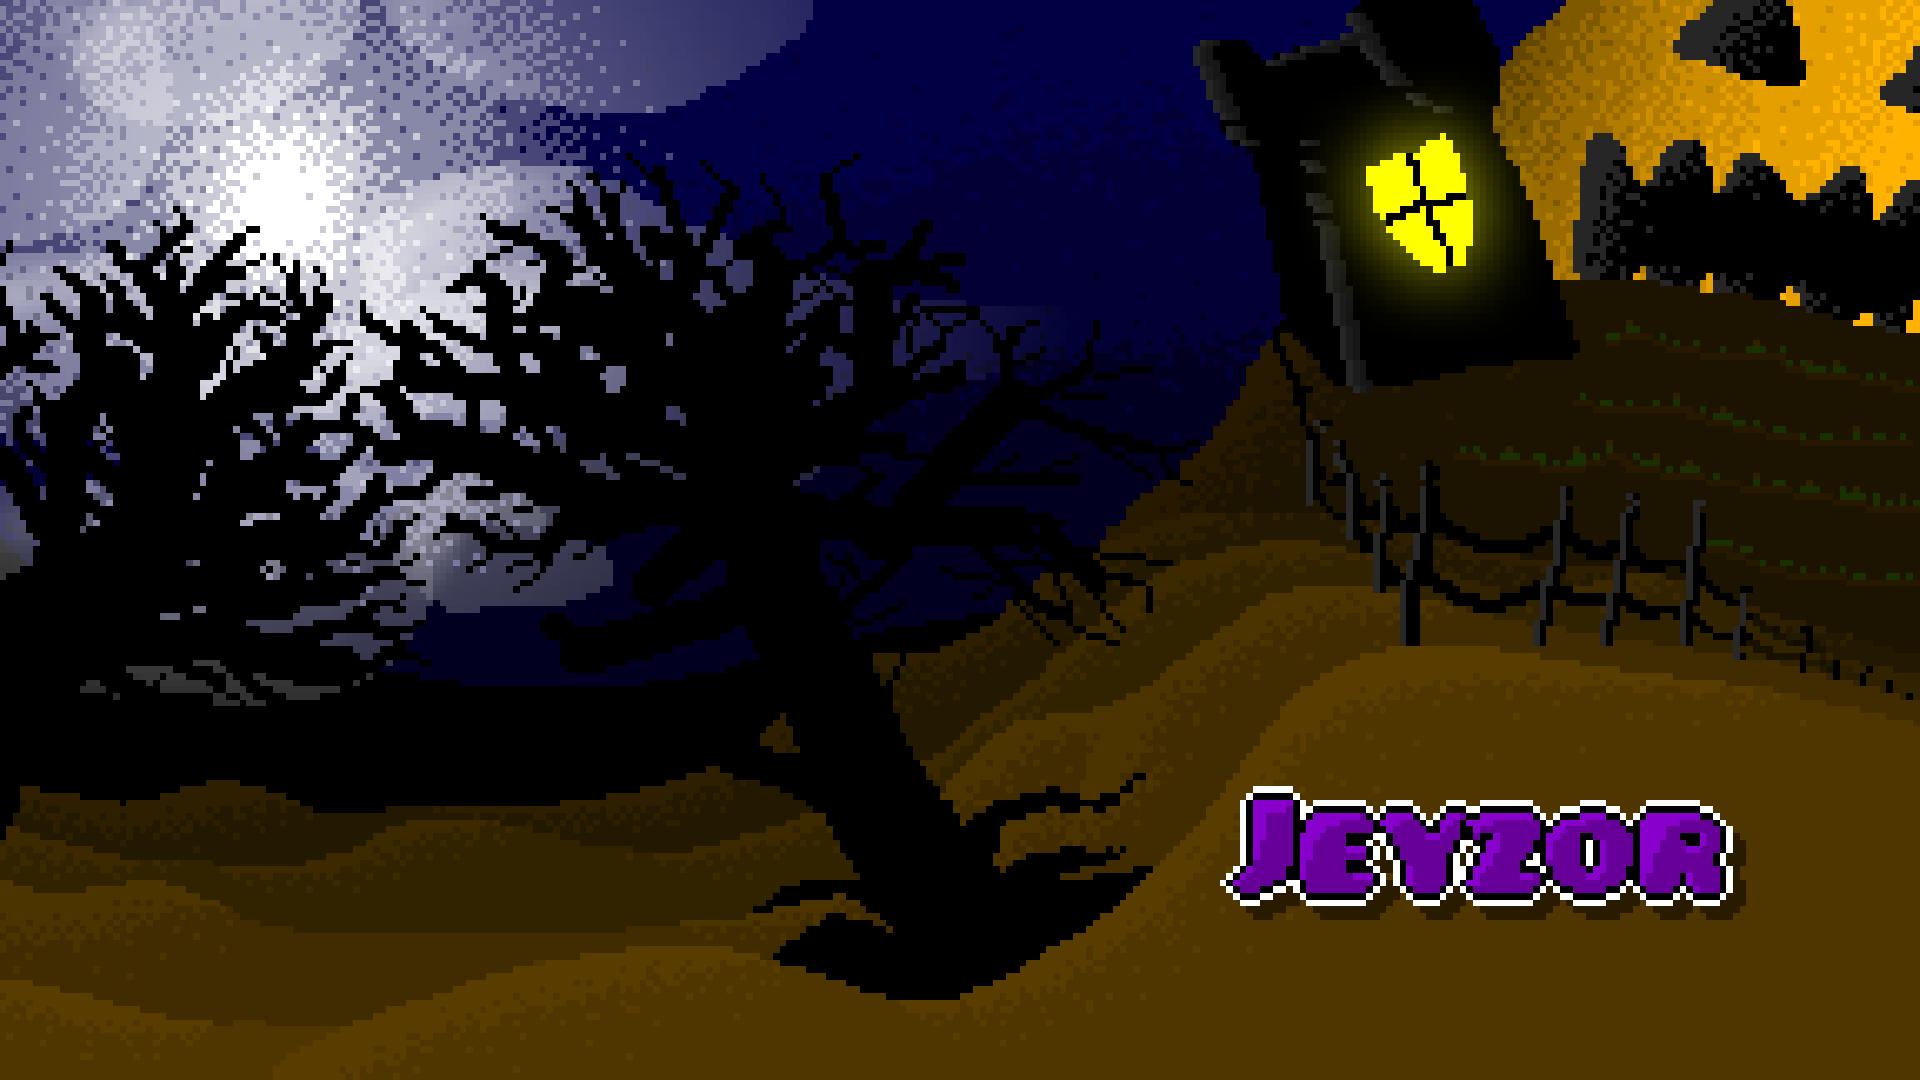 Halloween pixel art [wallpaper] by Jeyzor on Newgrounds